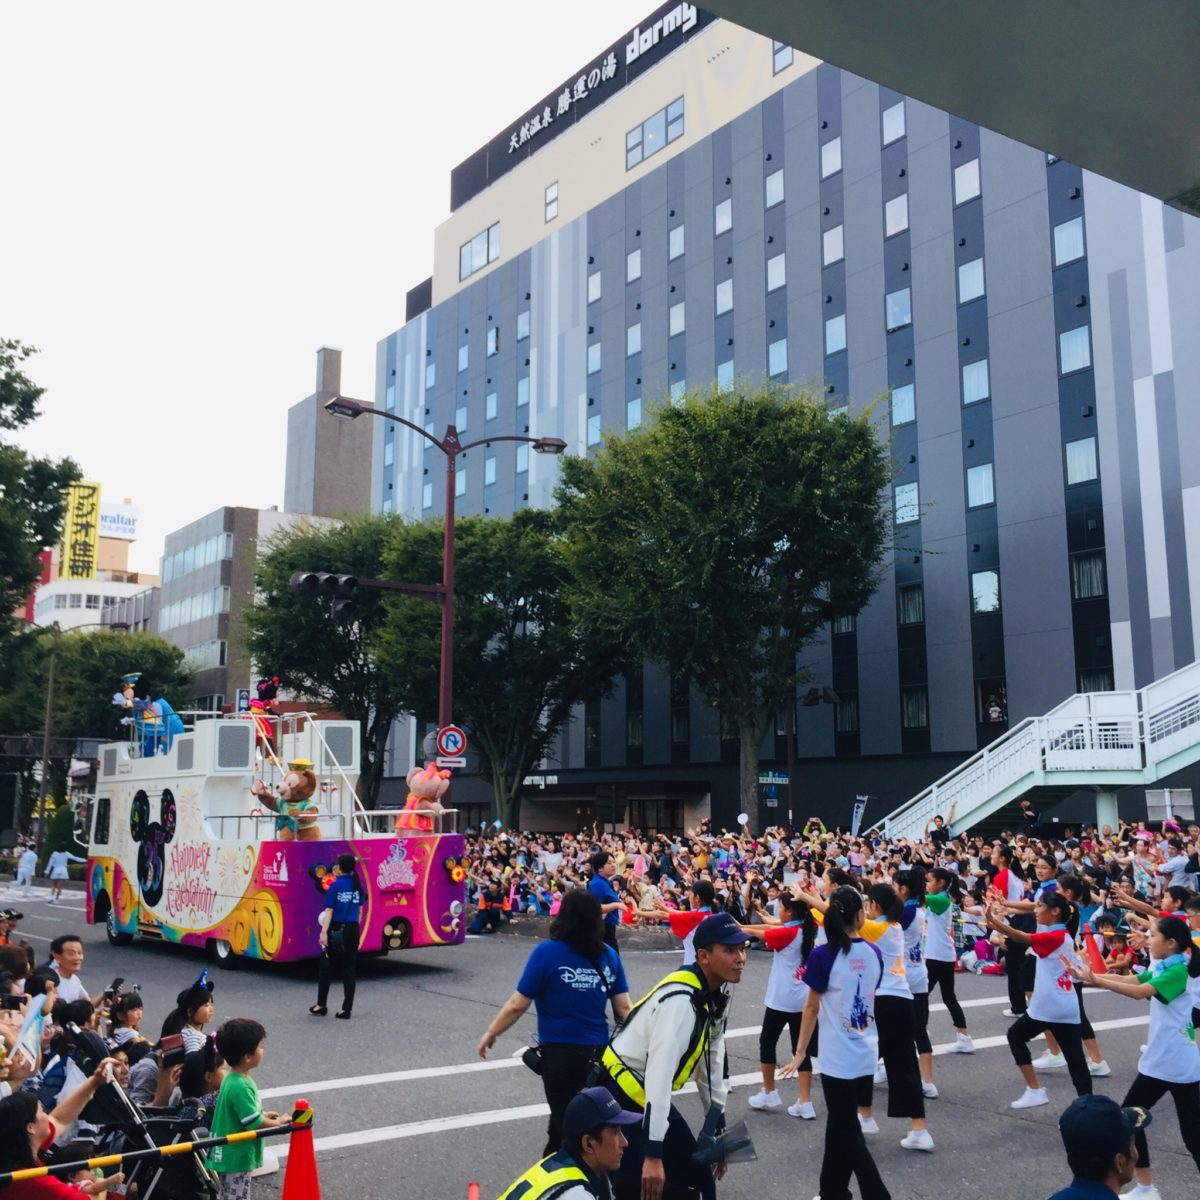 甲府市で開かれた東京ディズニーリゾート35周年スペシャルパレードでの子どもダンサー